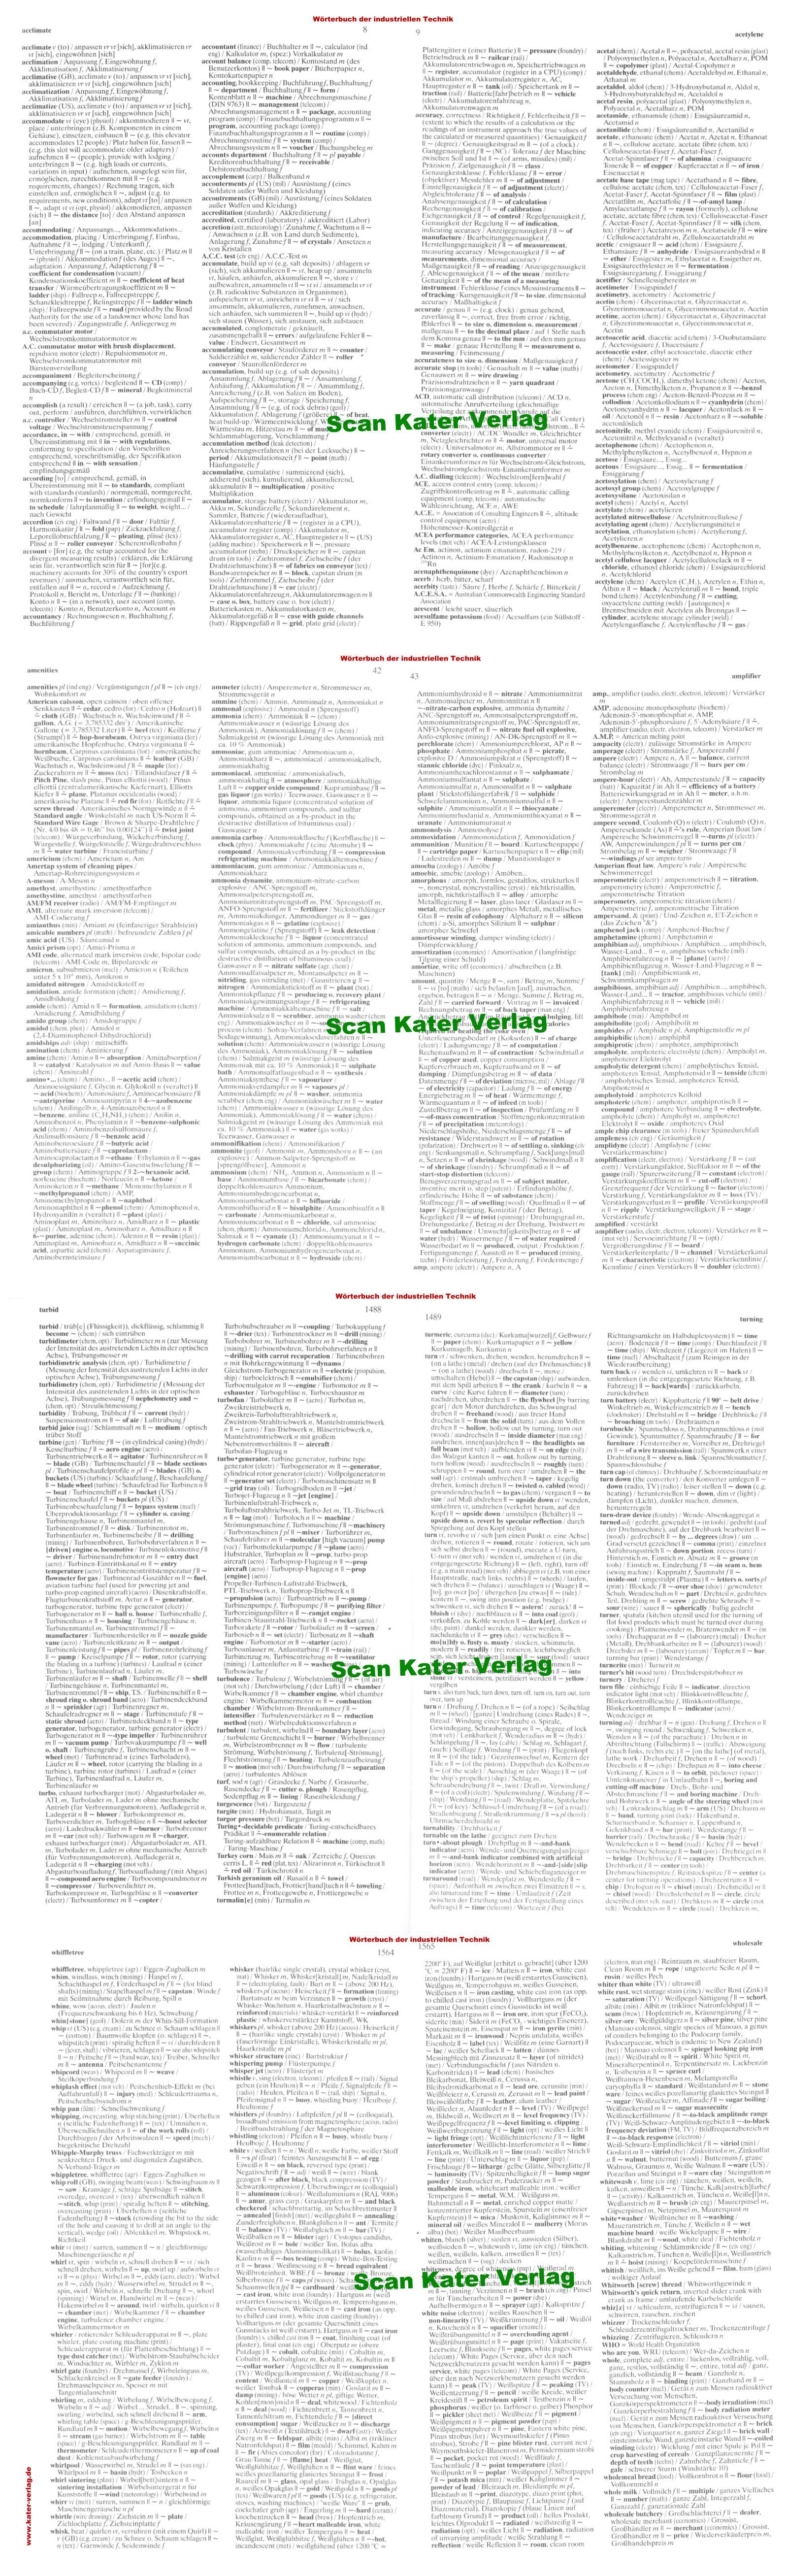 Ernst: Wörterbuch der industriellen Technik II Englisch - Deutsch EN-DE